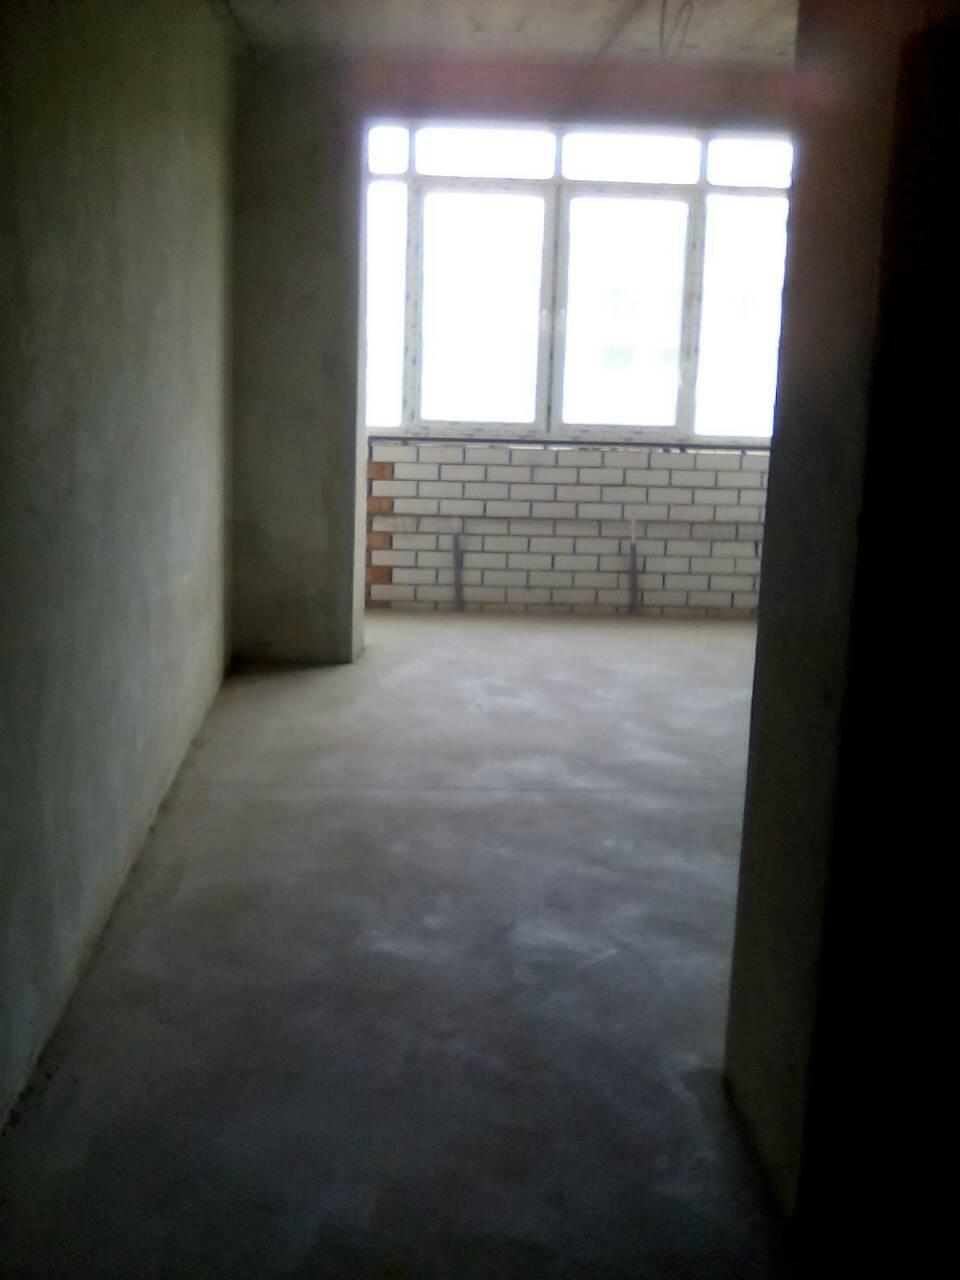 Квартира студия, Краснодар, Измаильская 15